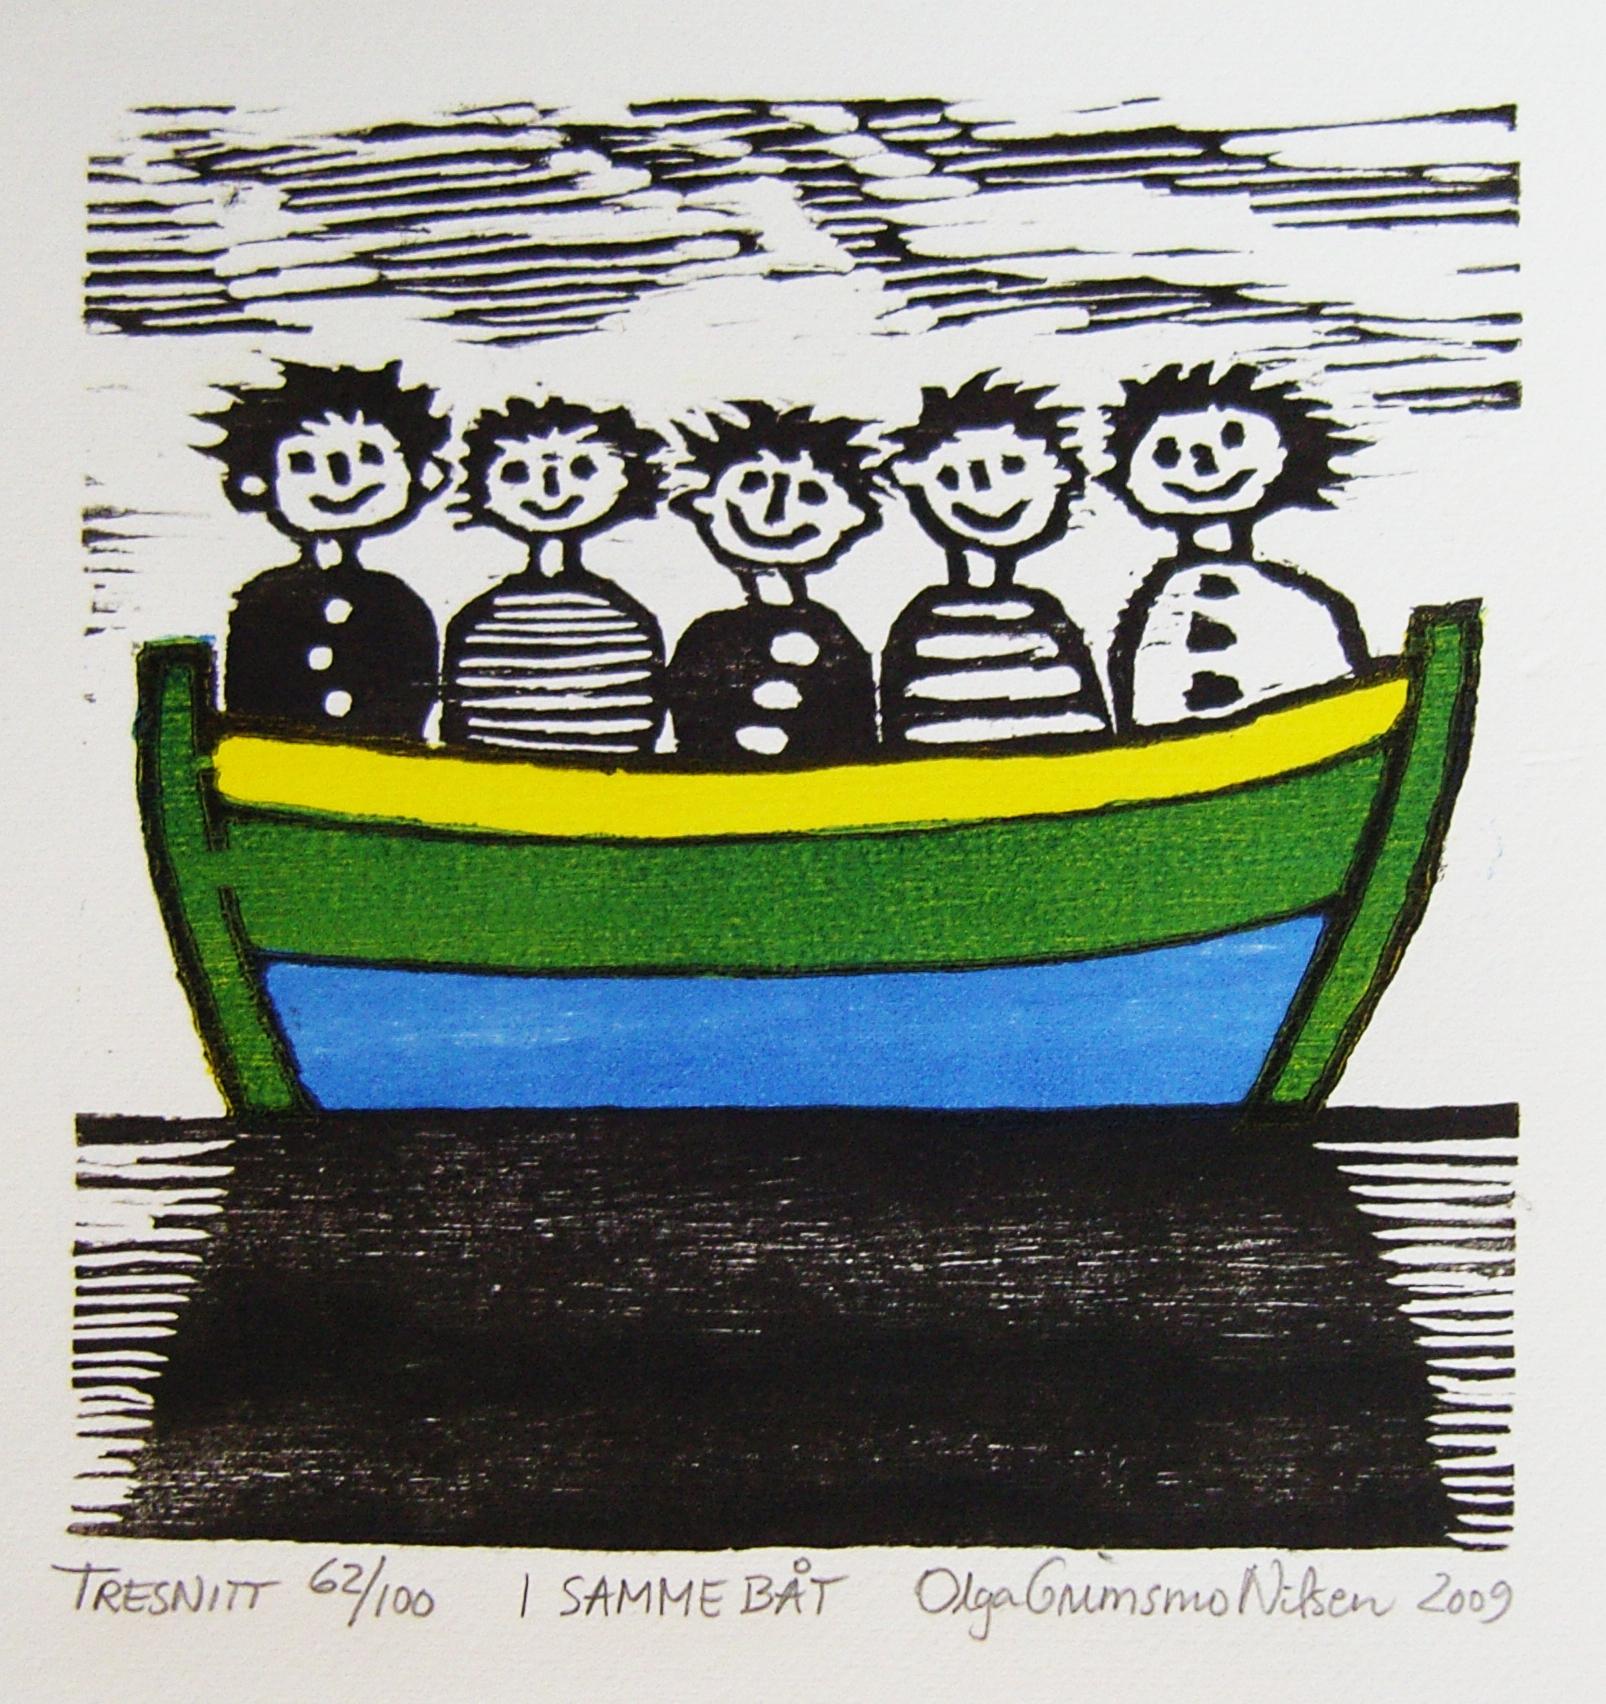 I samme båt